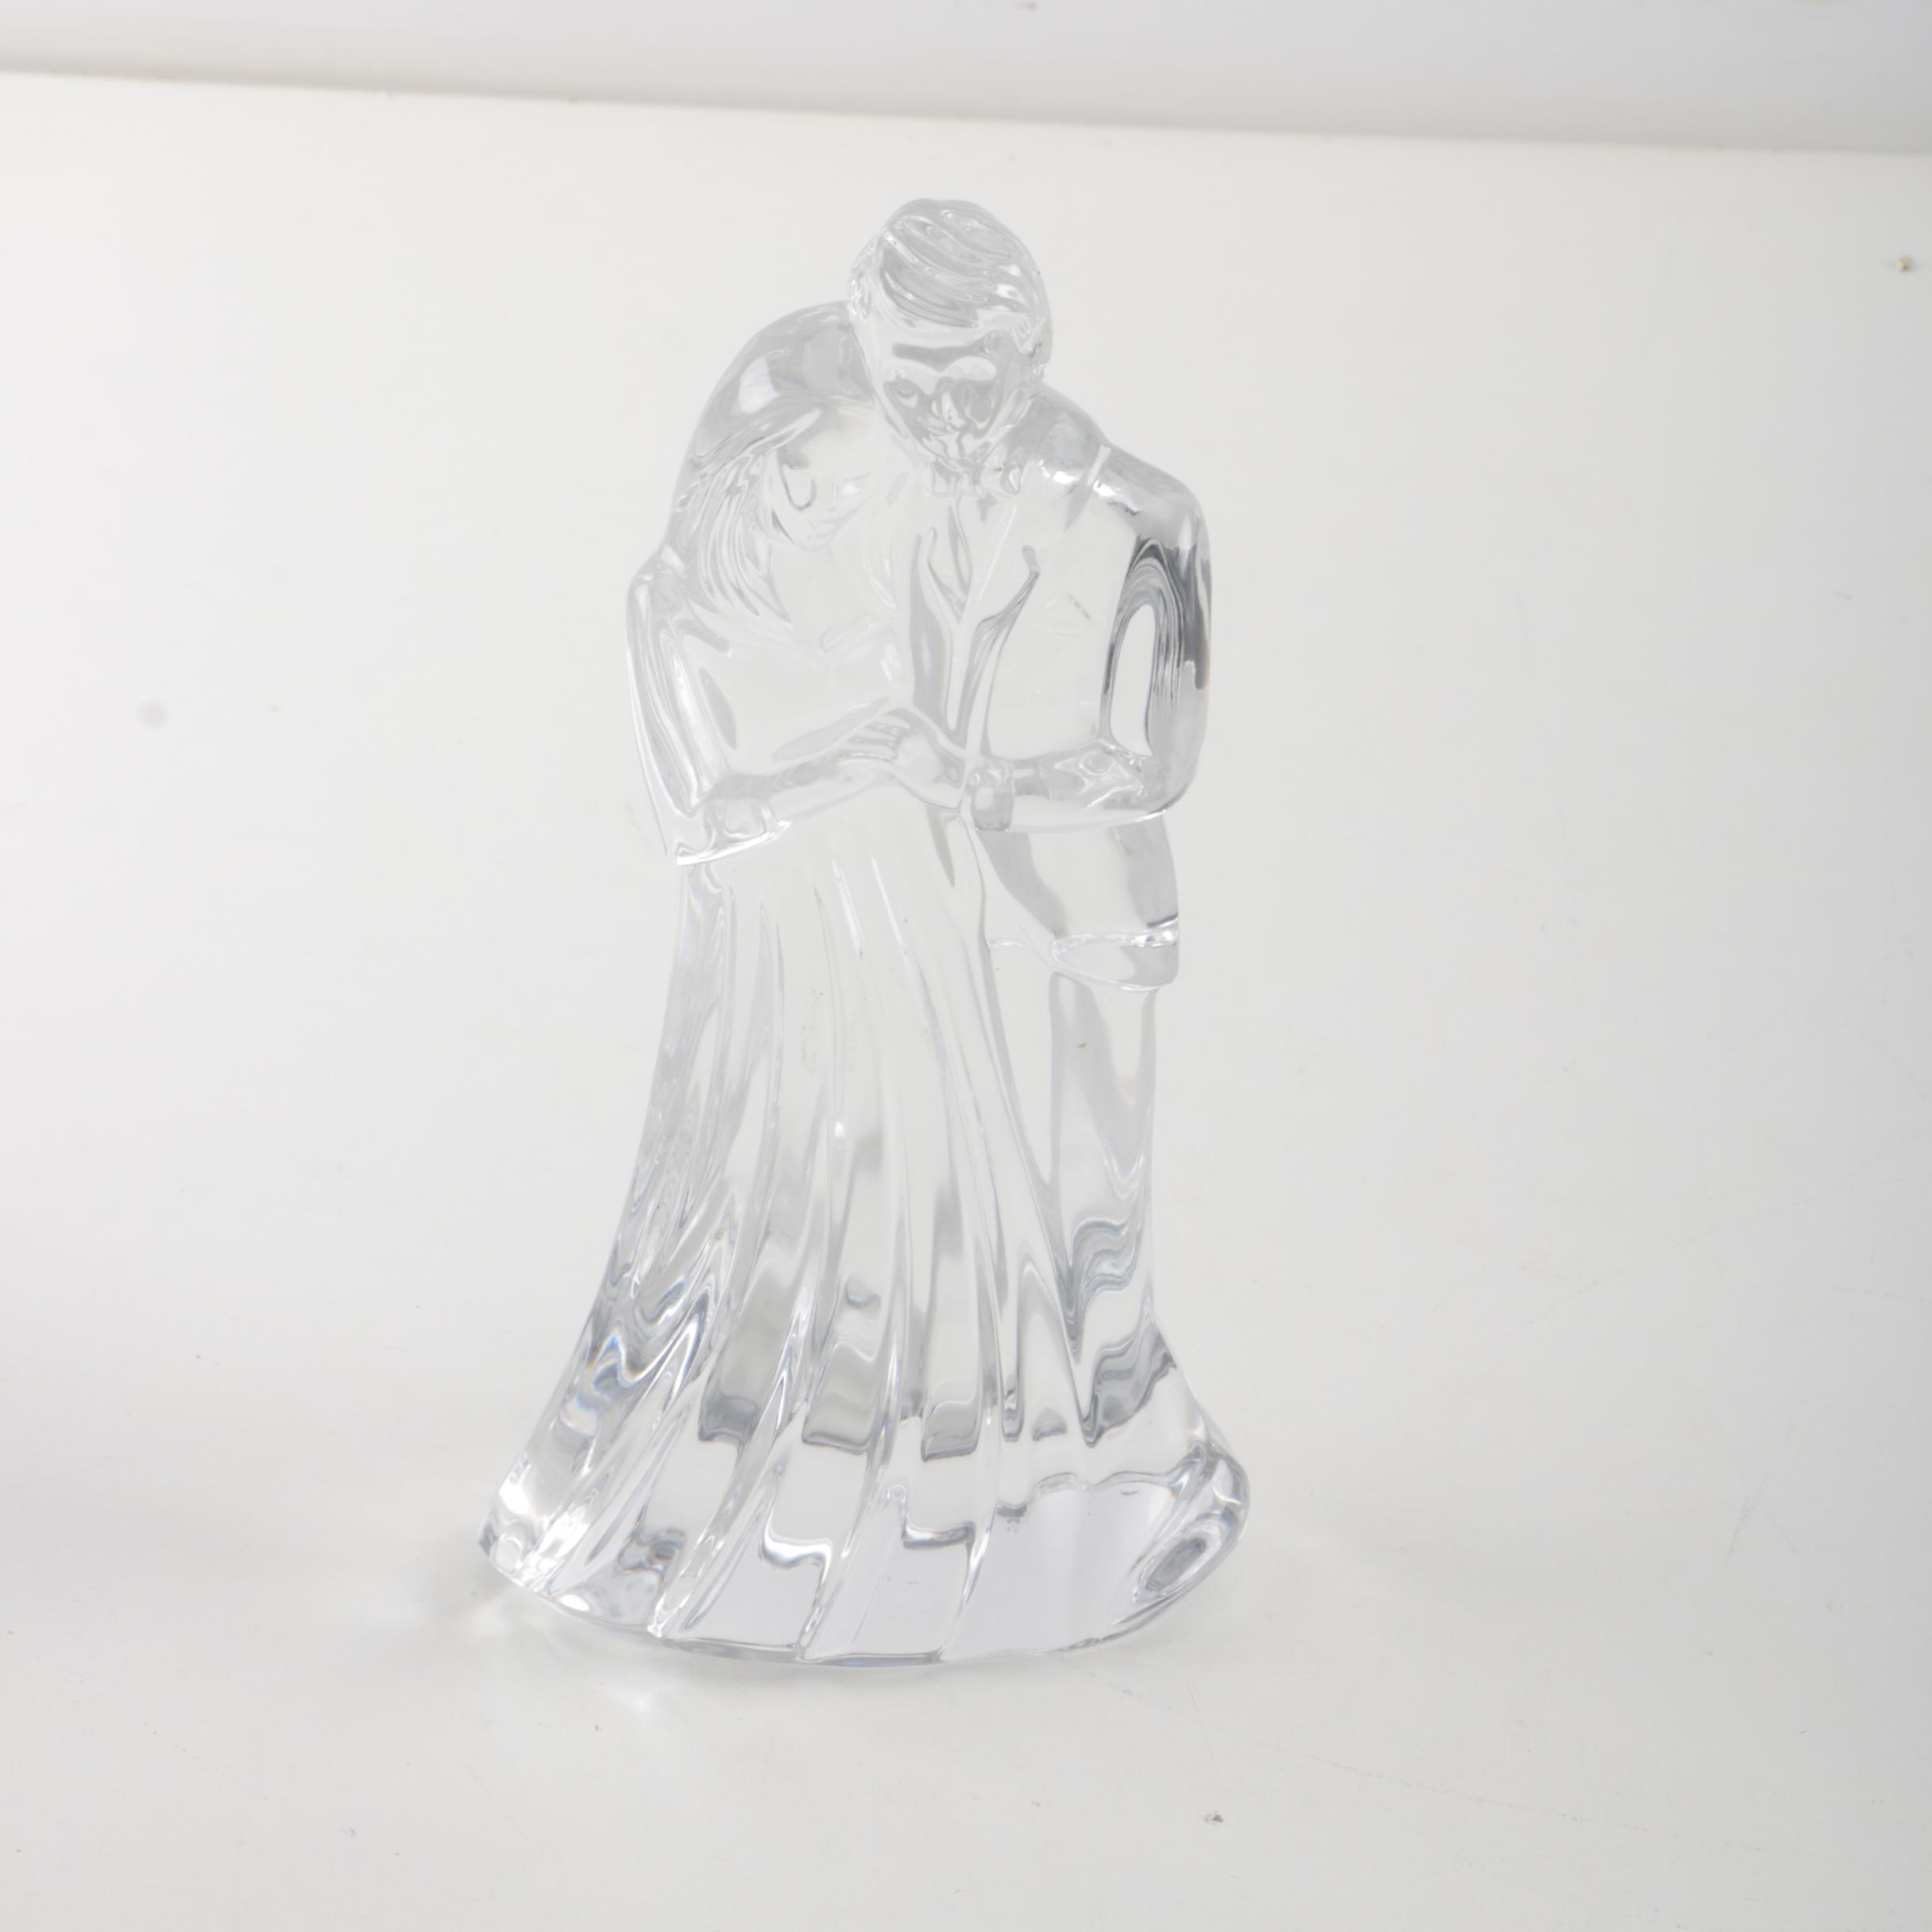 Waterford Crystal Figurine